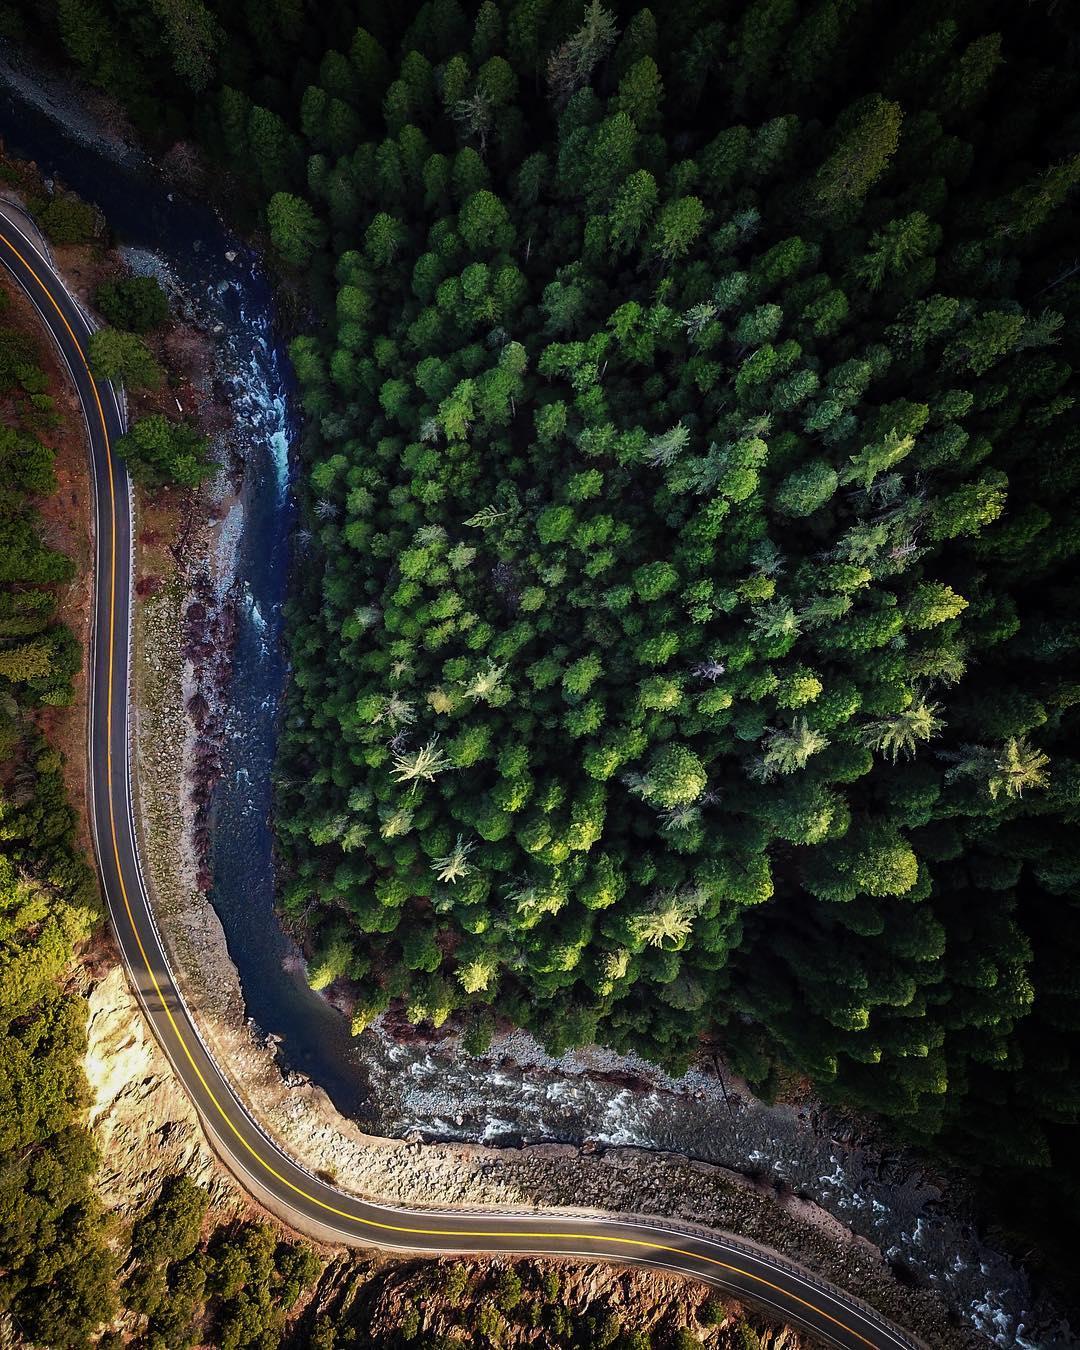 Калифорния на аэрофотоснимках Росса Мартина